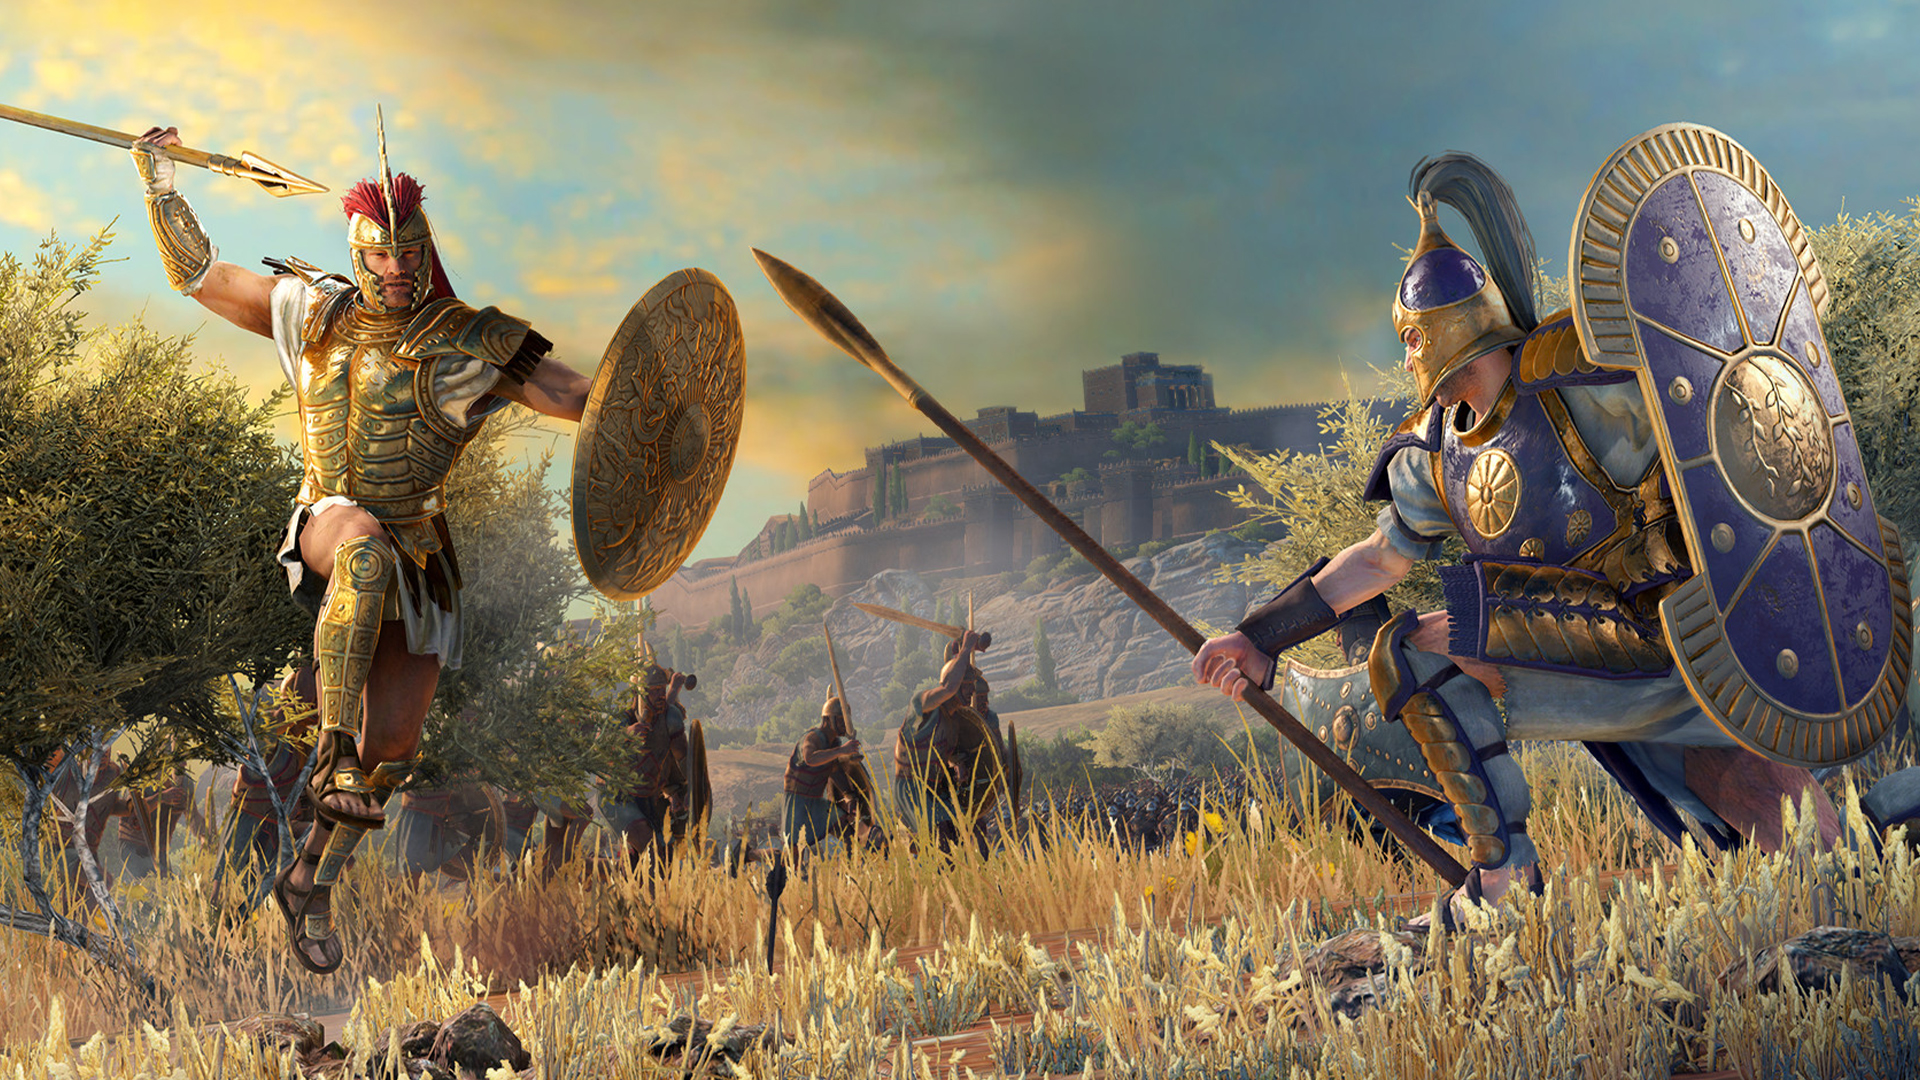 A Total War Saga: Трой намекает на то, что замышляет ваш соперник по эндшпилю